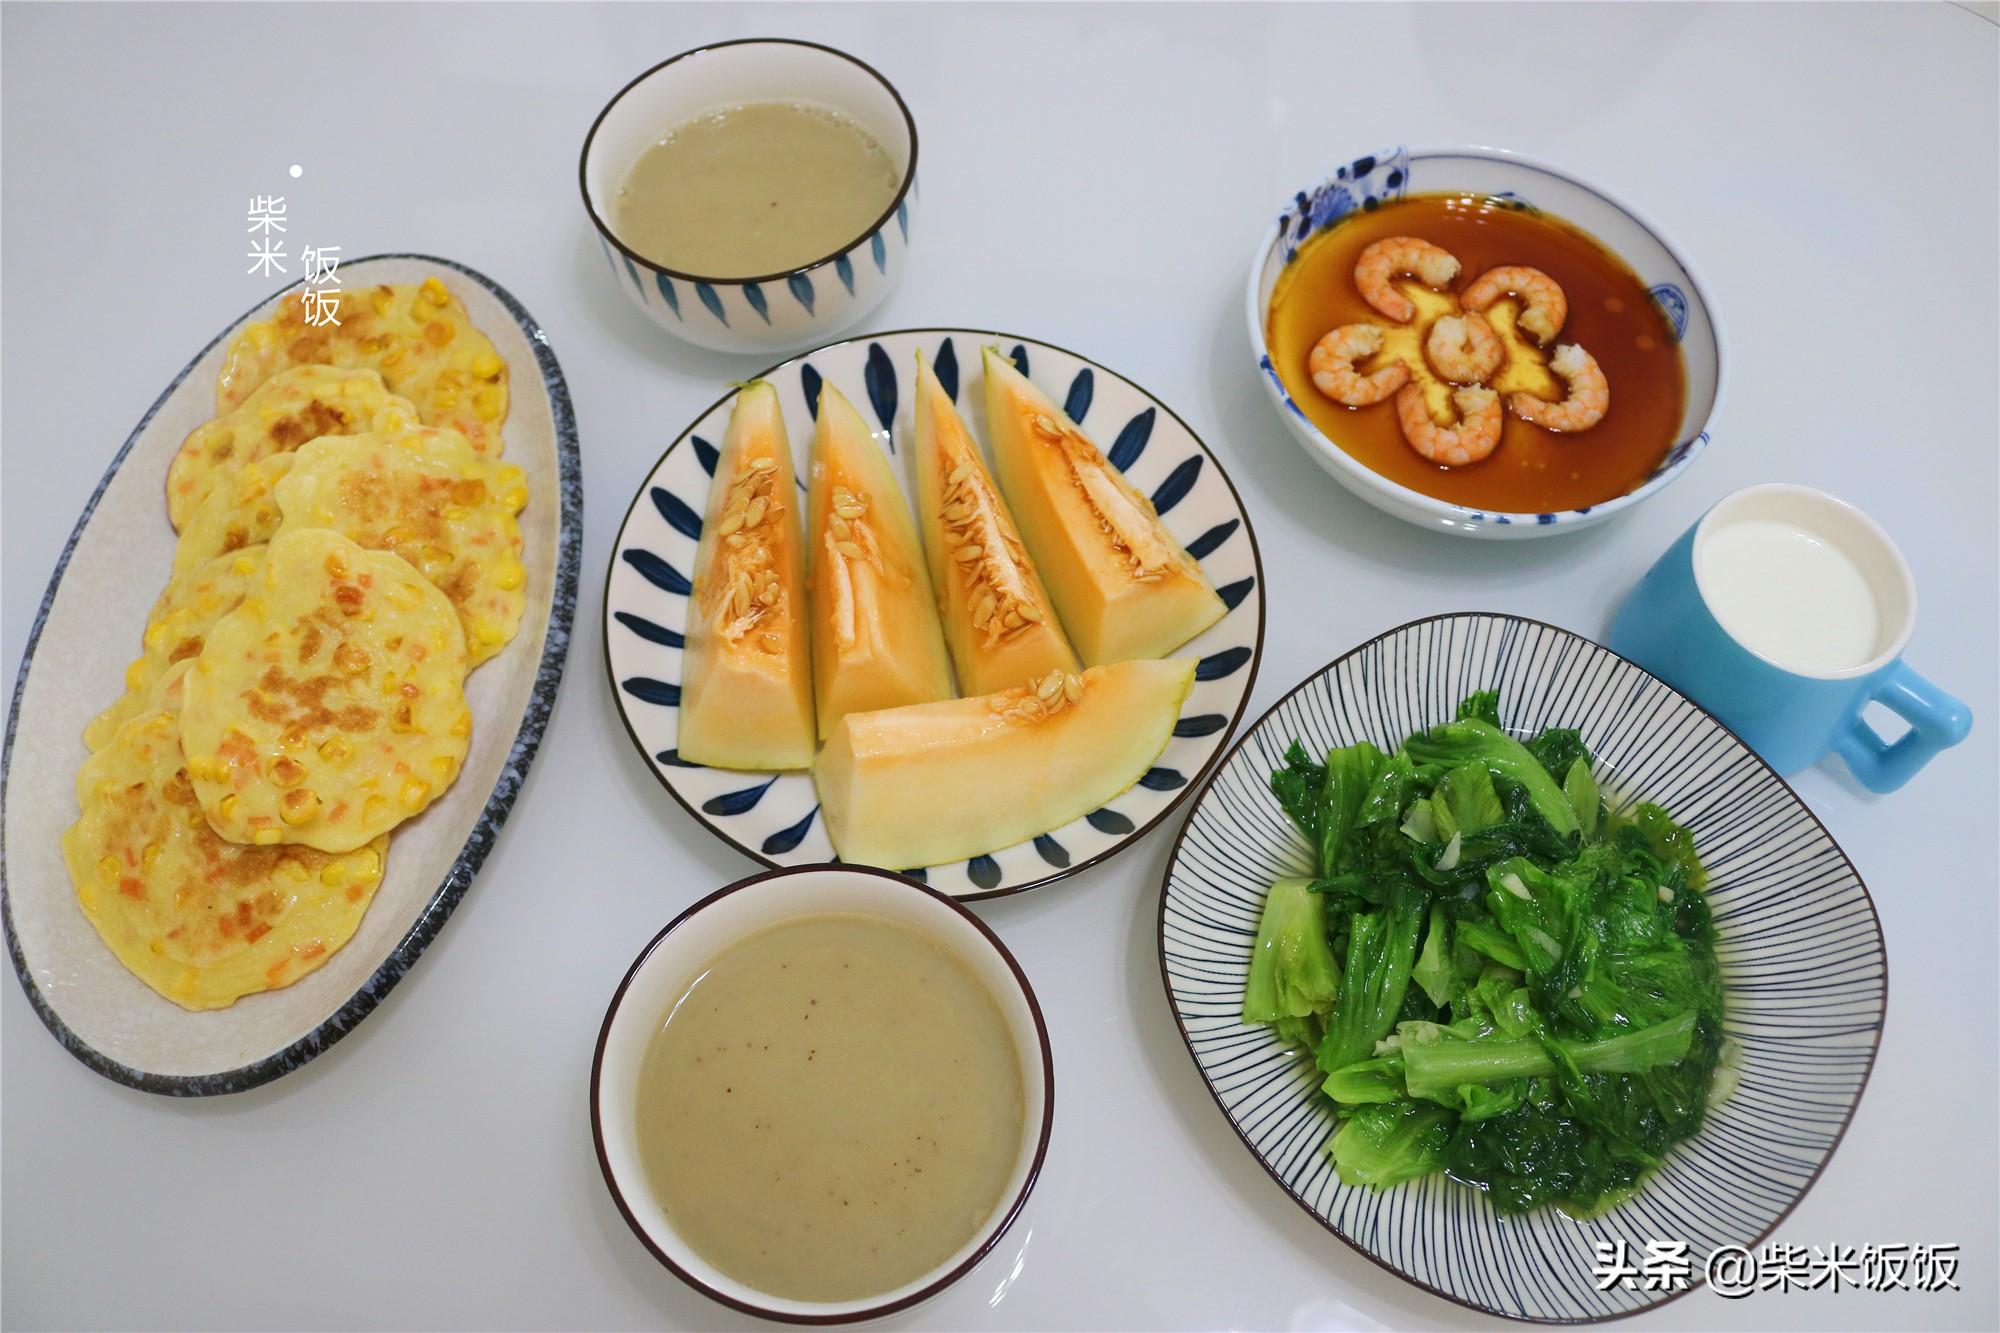 早餐就喜欢这样的,不需要起太早,做法简单,营养搭配又好吃 美食做法 第1张